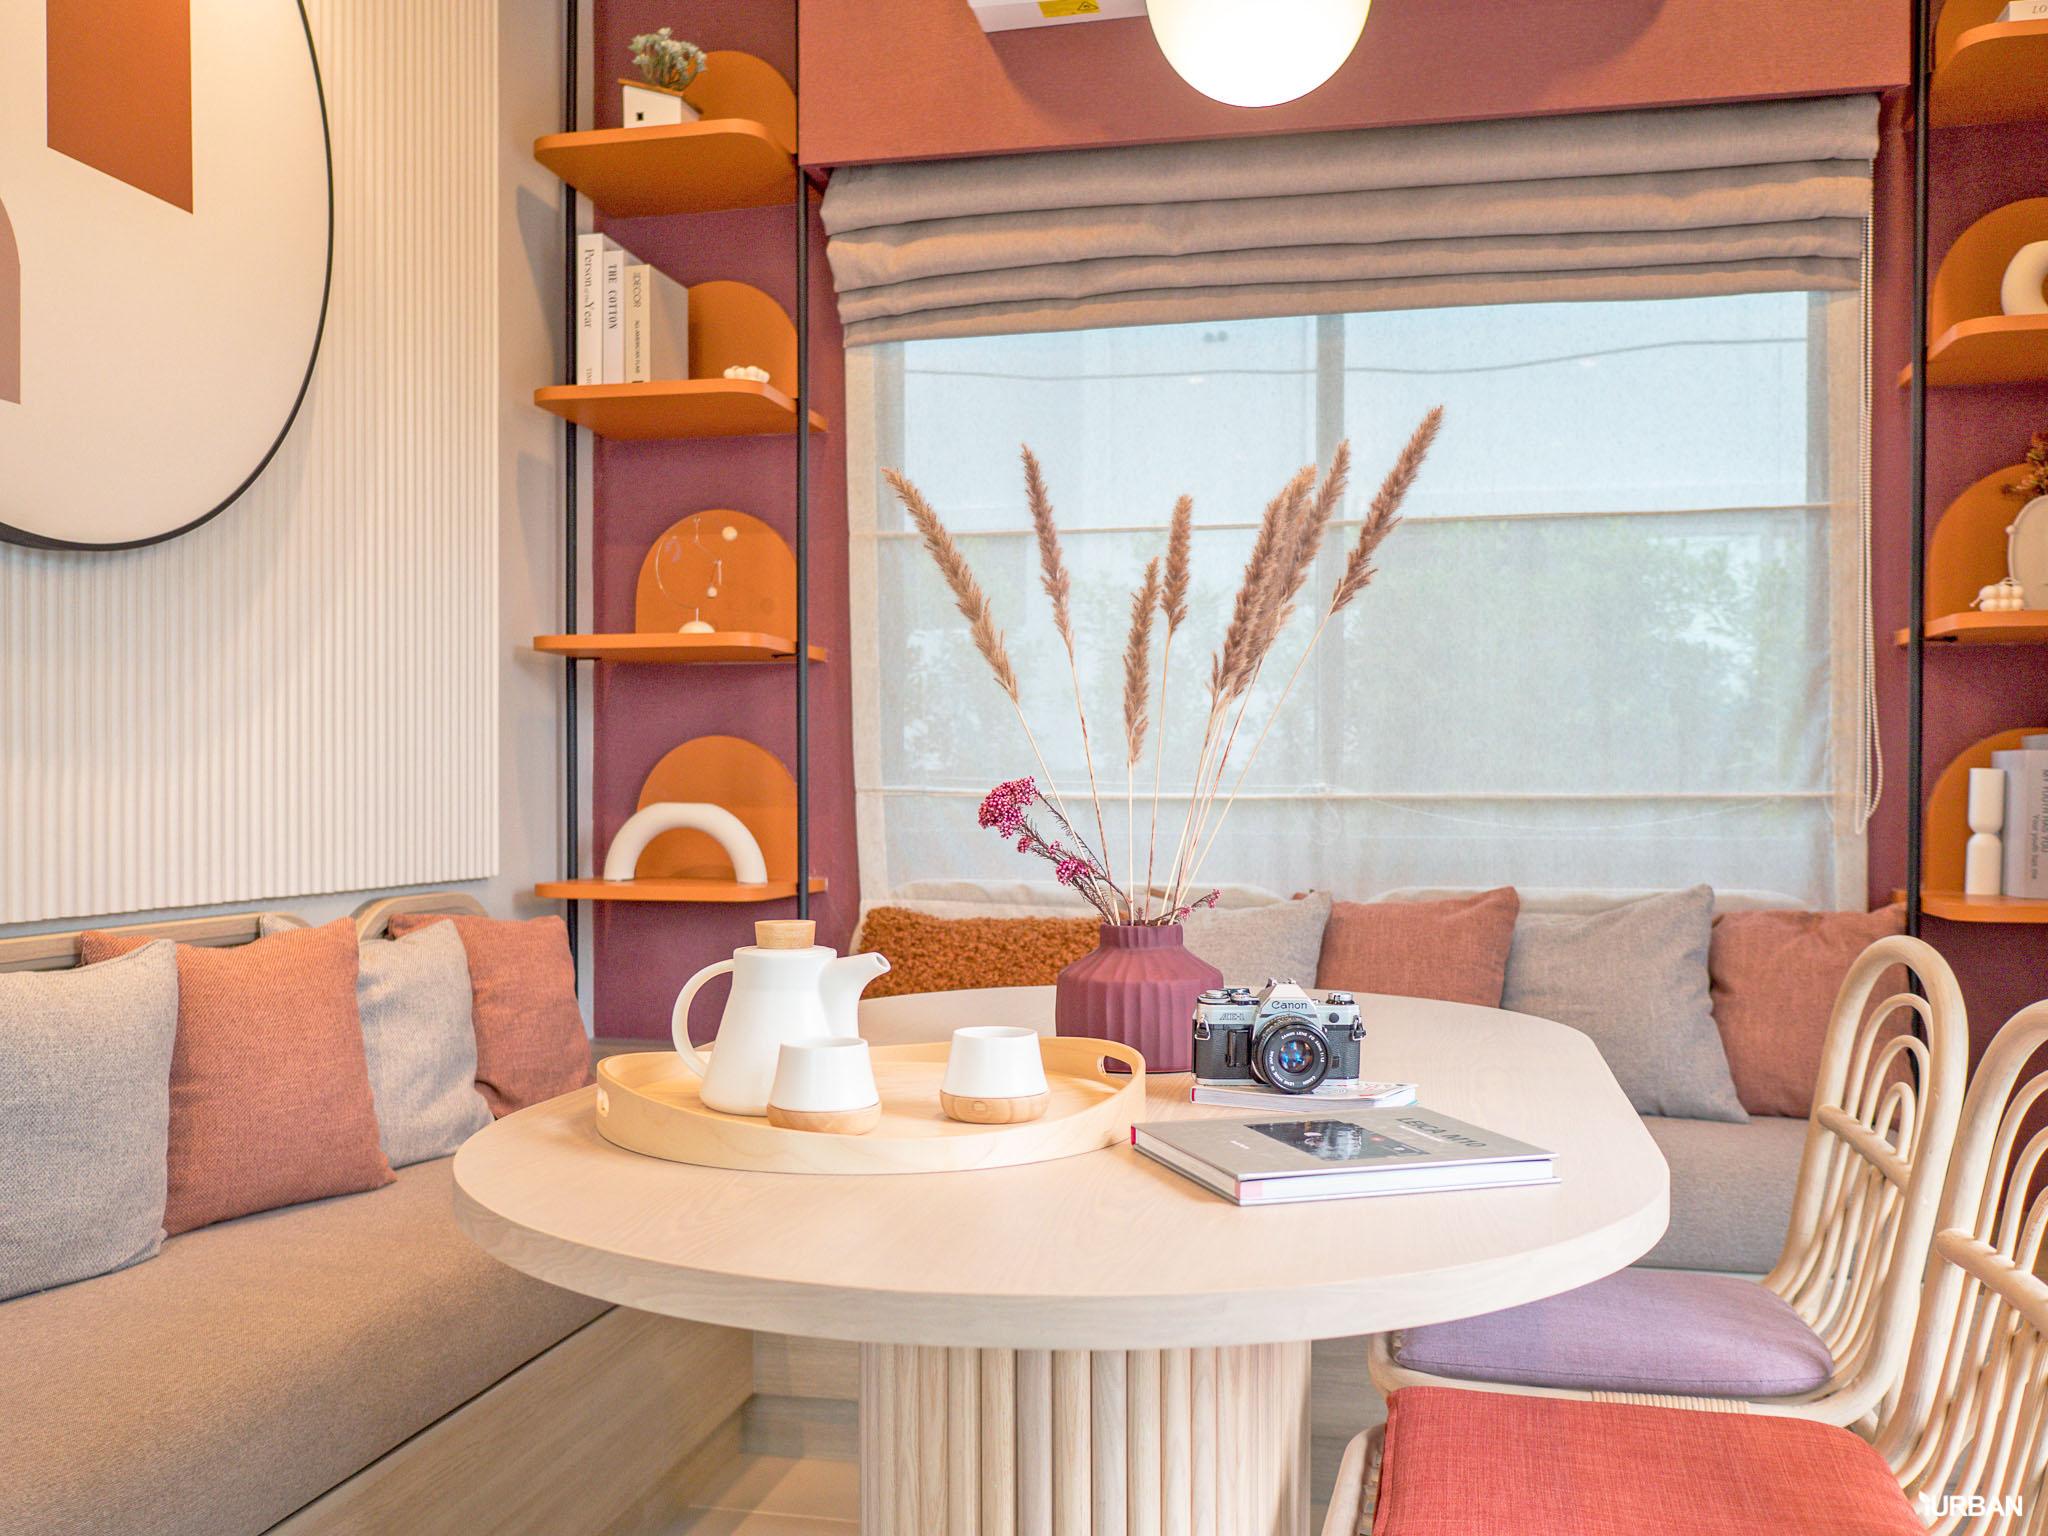 รีวิว อณาสิริ ชัยพฤกษ์-วงแหวน เมื่อแสนสิริออกแบบบ้านใหม่ Feel Just Right ใช้งานได้ลงตัว 33 - Anasiri